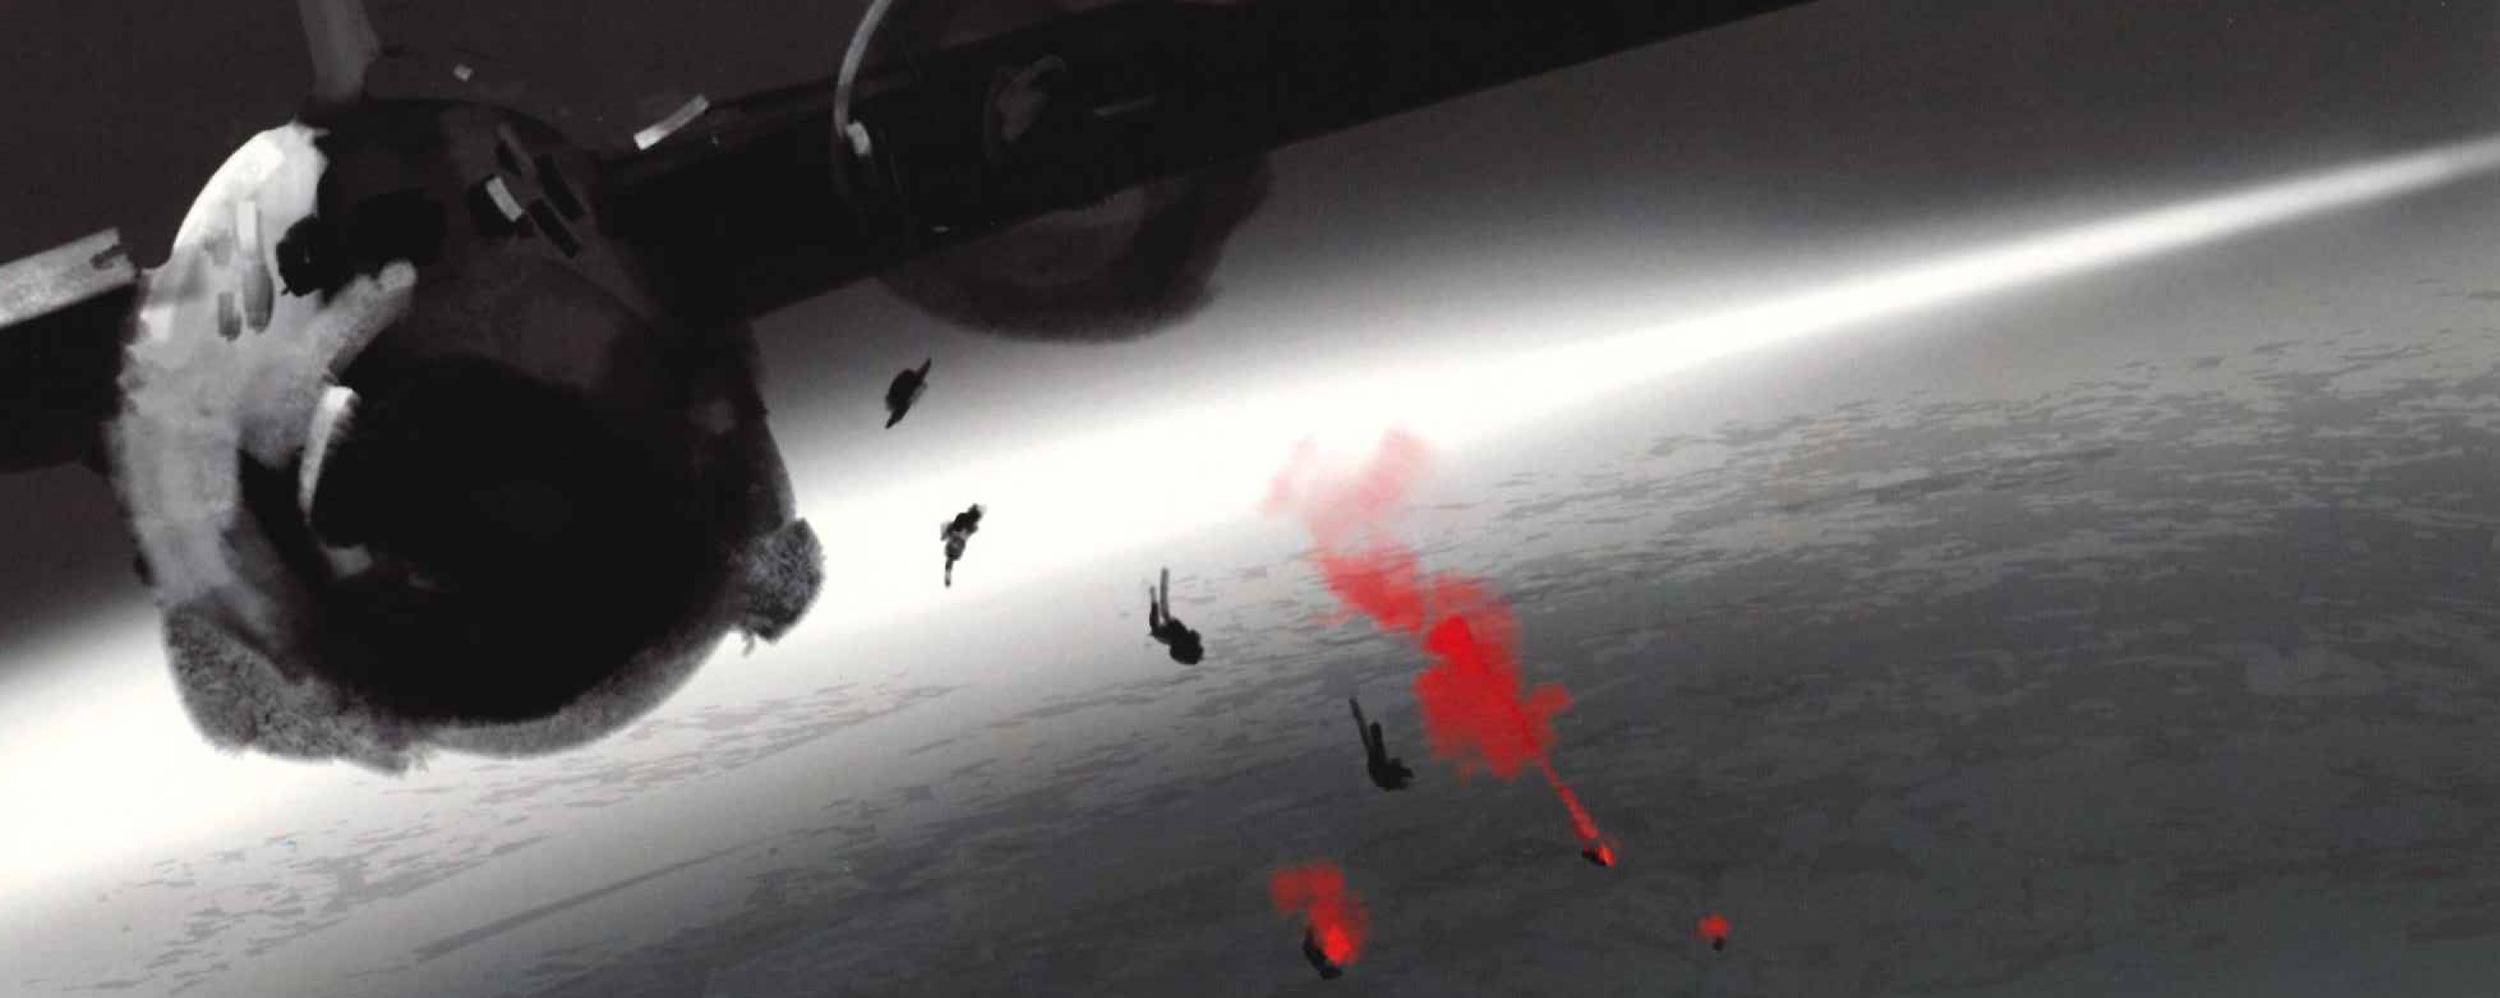 Concept art. Salto en paracaídas.